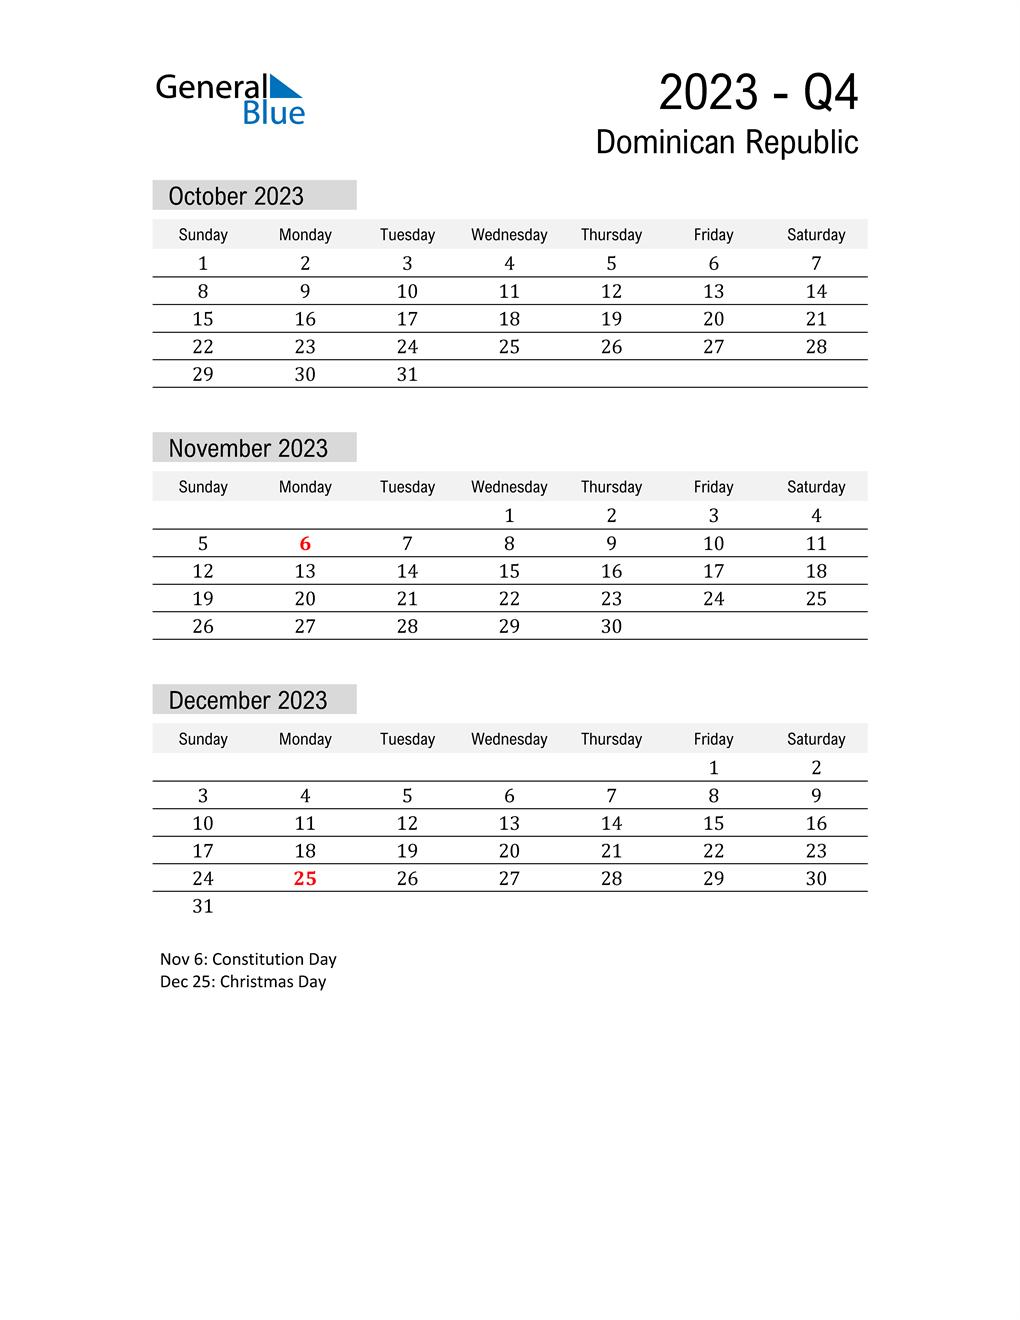 Dominican Republic Quarter 4 2023 Calendar